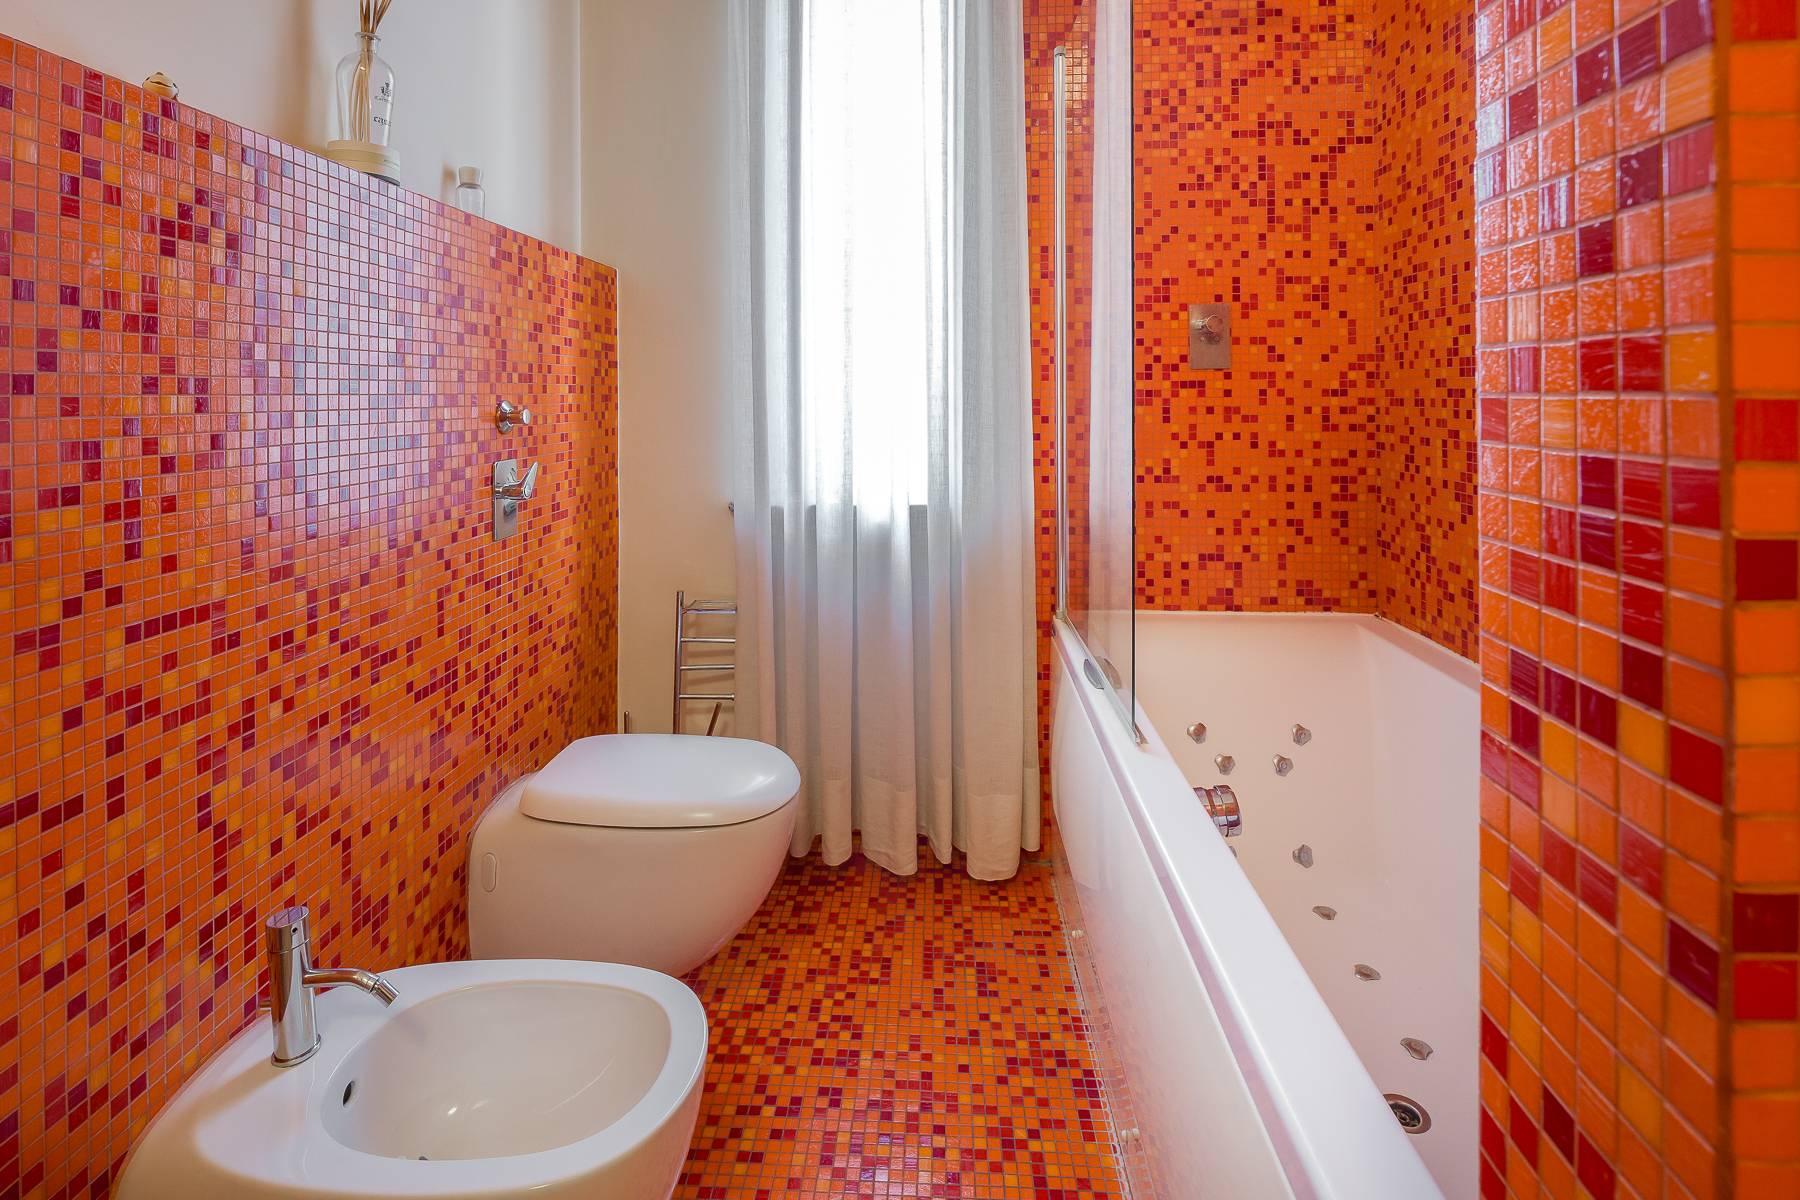 Appartement de style classique situé Via Besana - 24